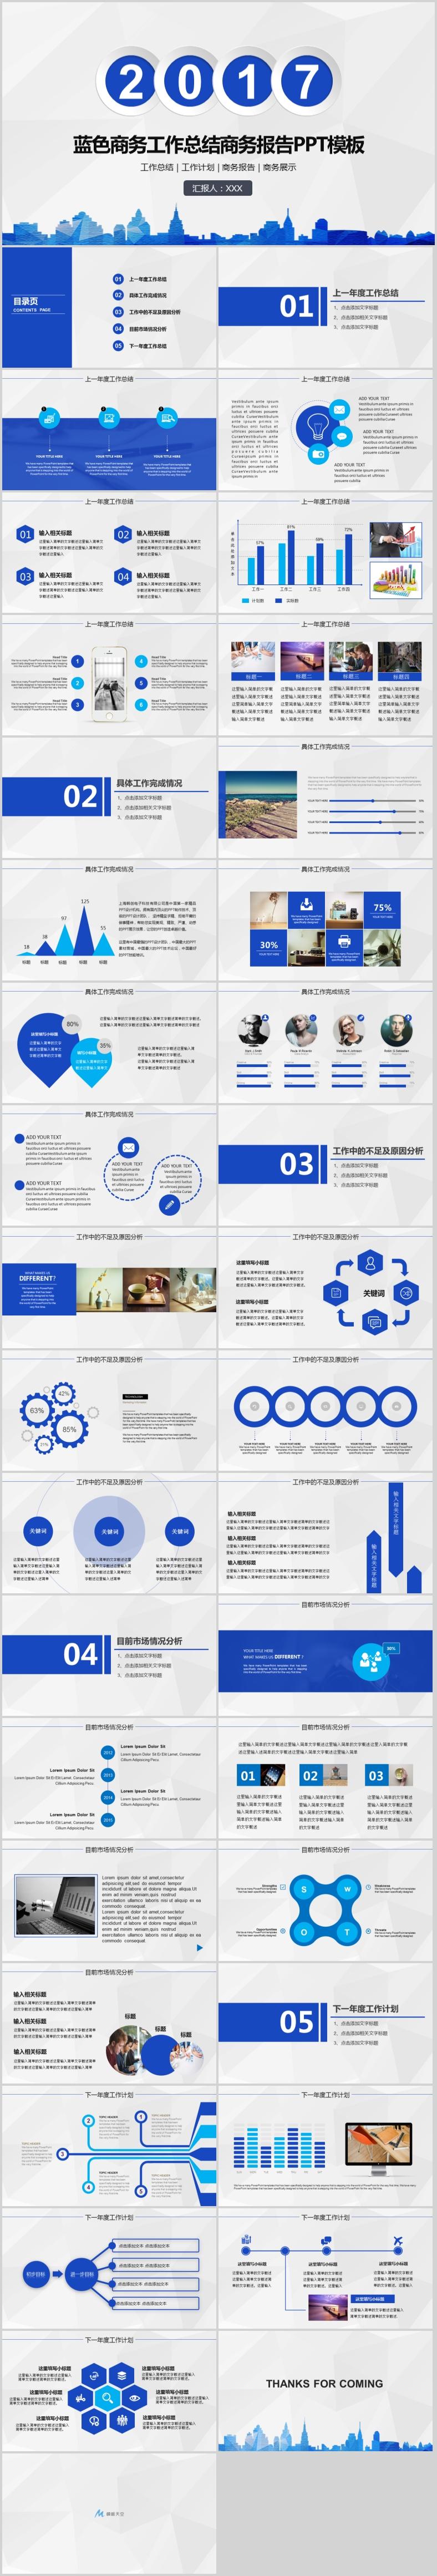 2017蓝色商务工作总结商务报告PPT模板